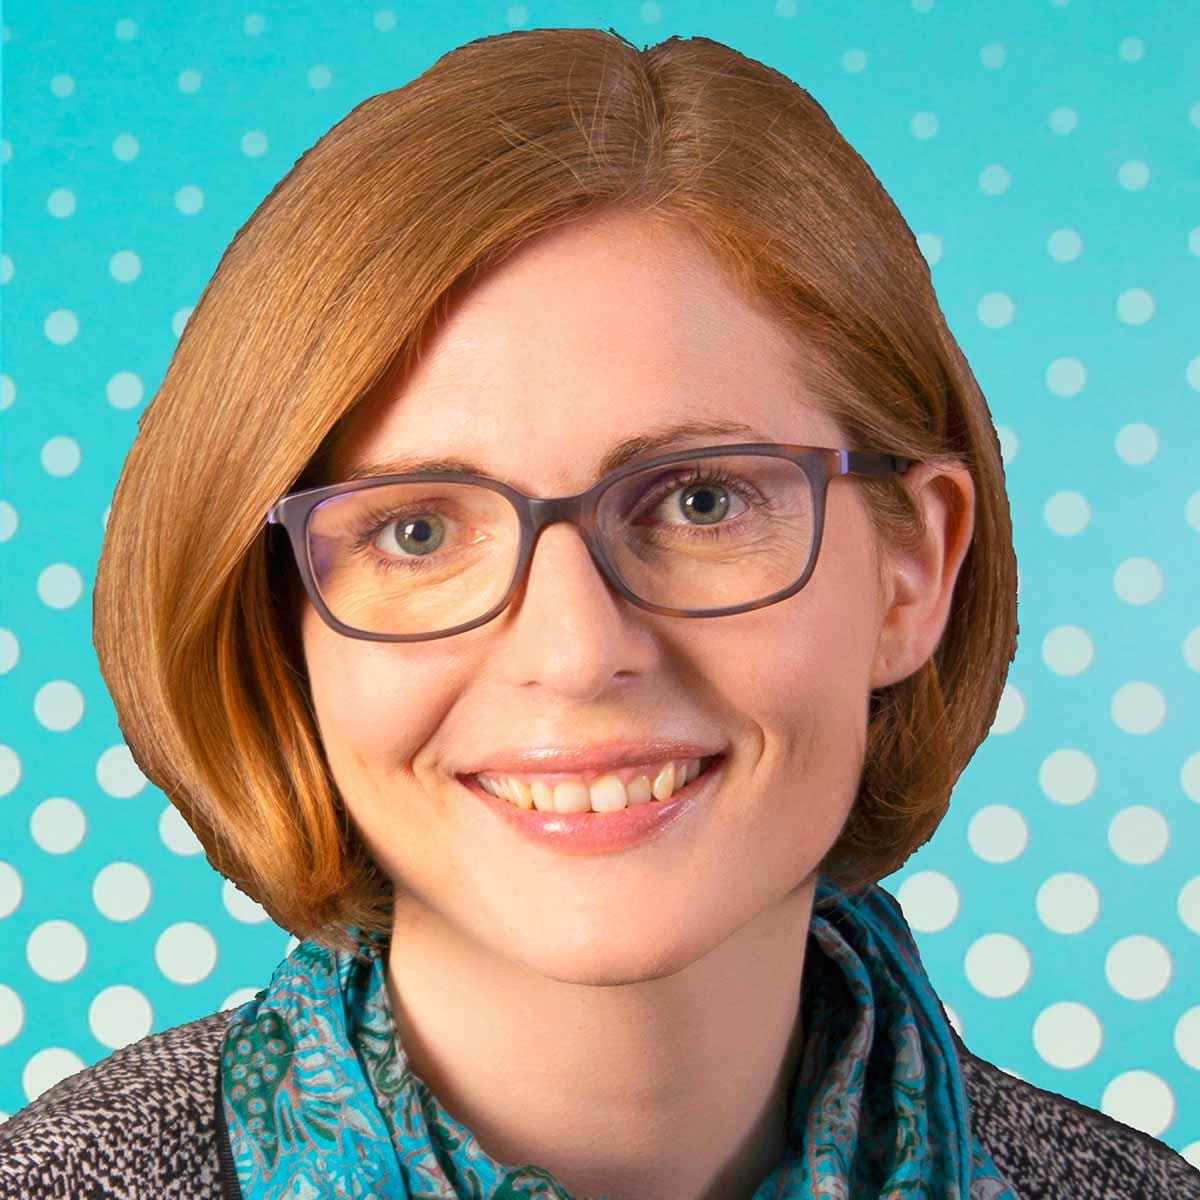 Koordinatorin EU-Projekte: Anne Schley